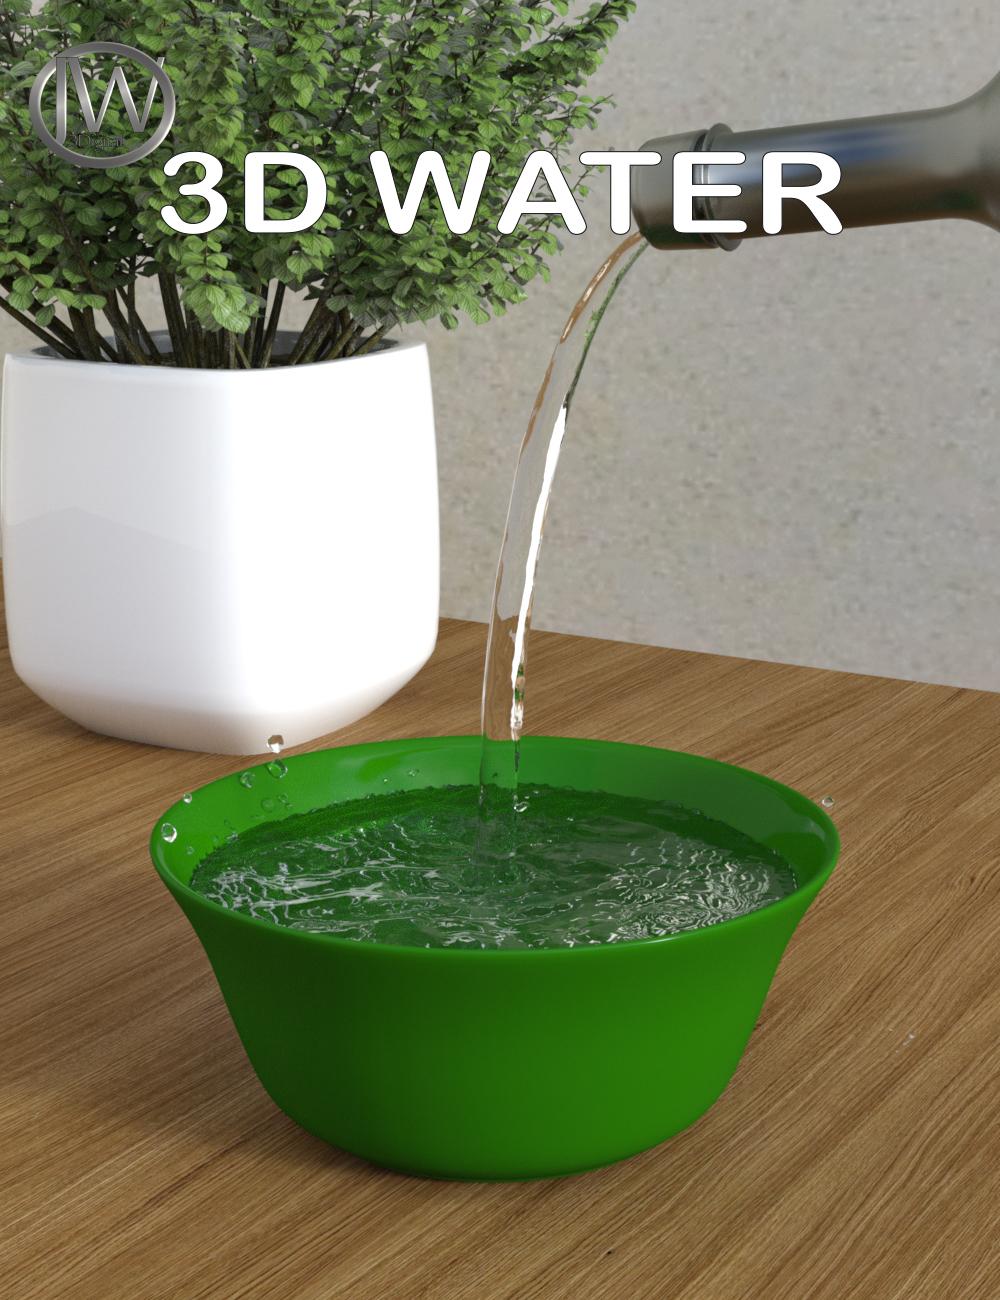 JW 3D Water Props by: JWolf, 3D Models by Daz 3D